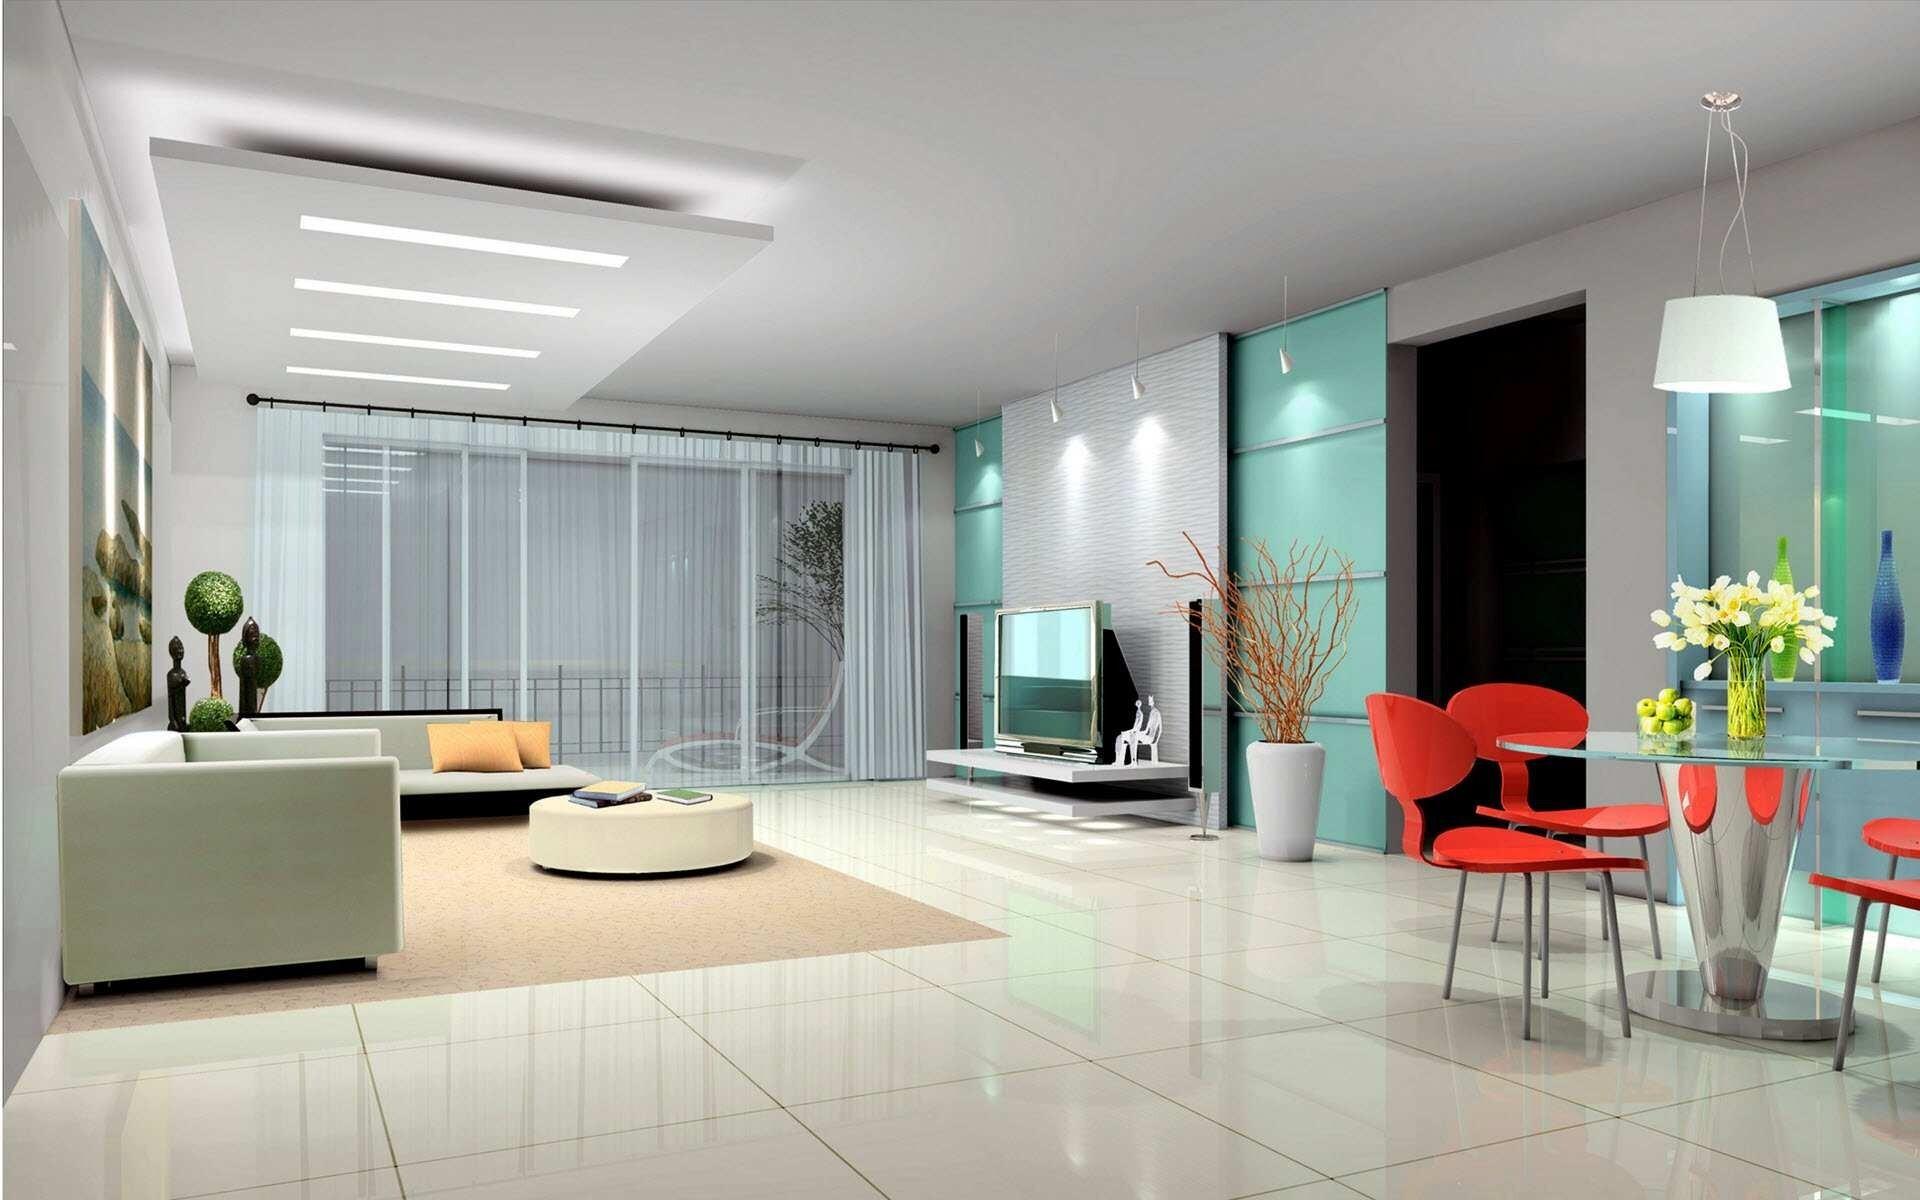 Amazing Home Interior Design Wallpaper HD Wallpapers - Bungalow house interior design